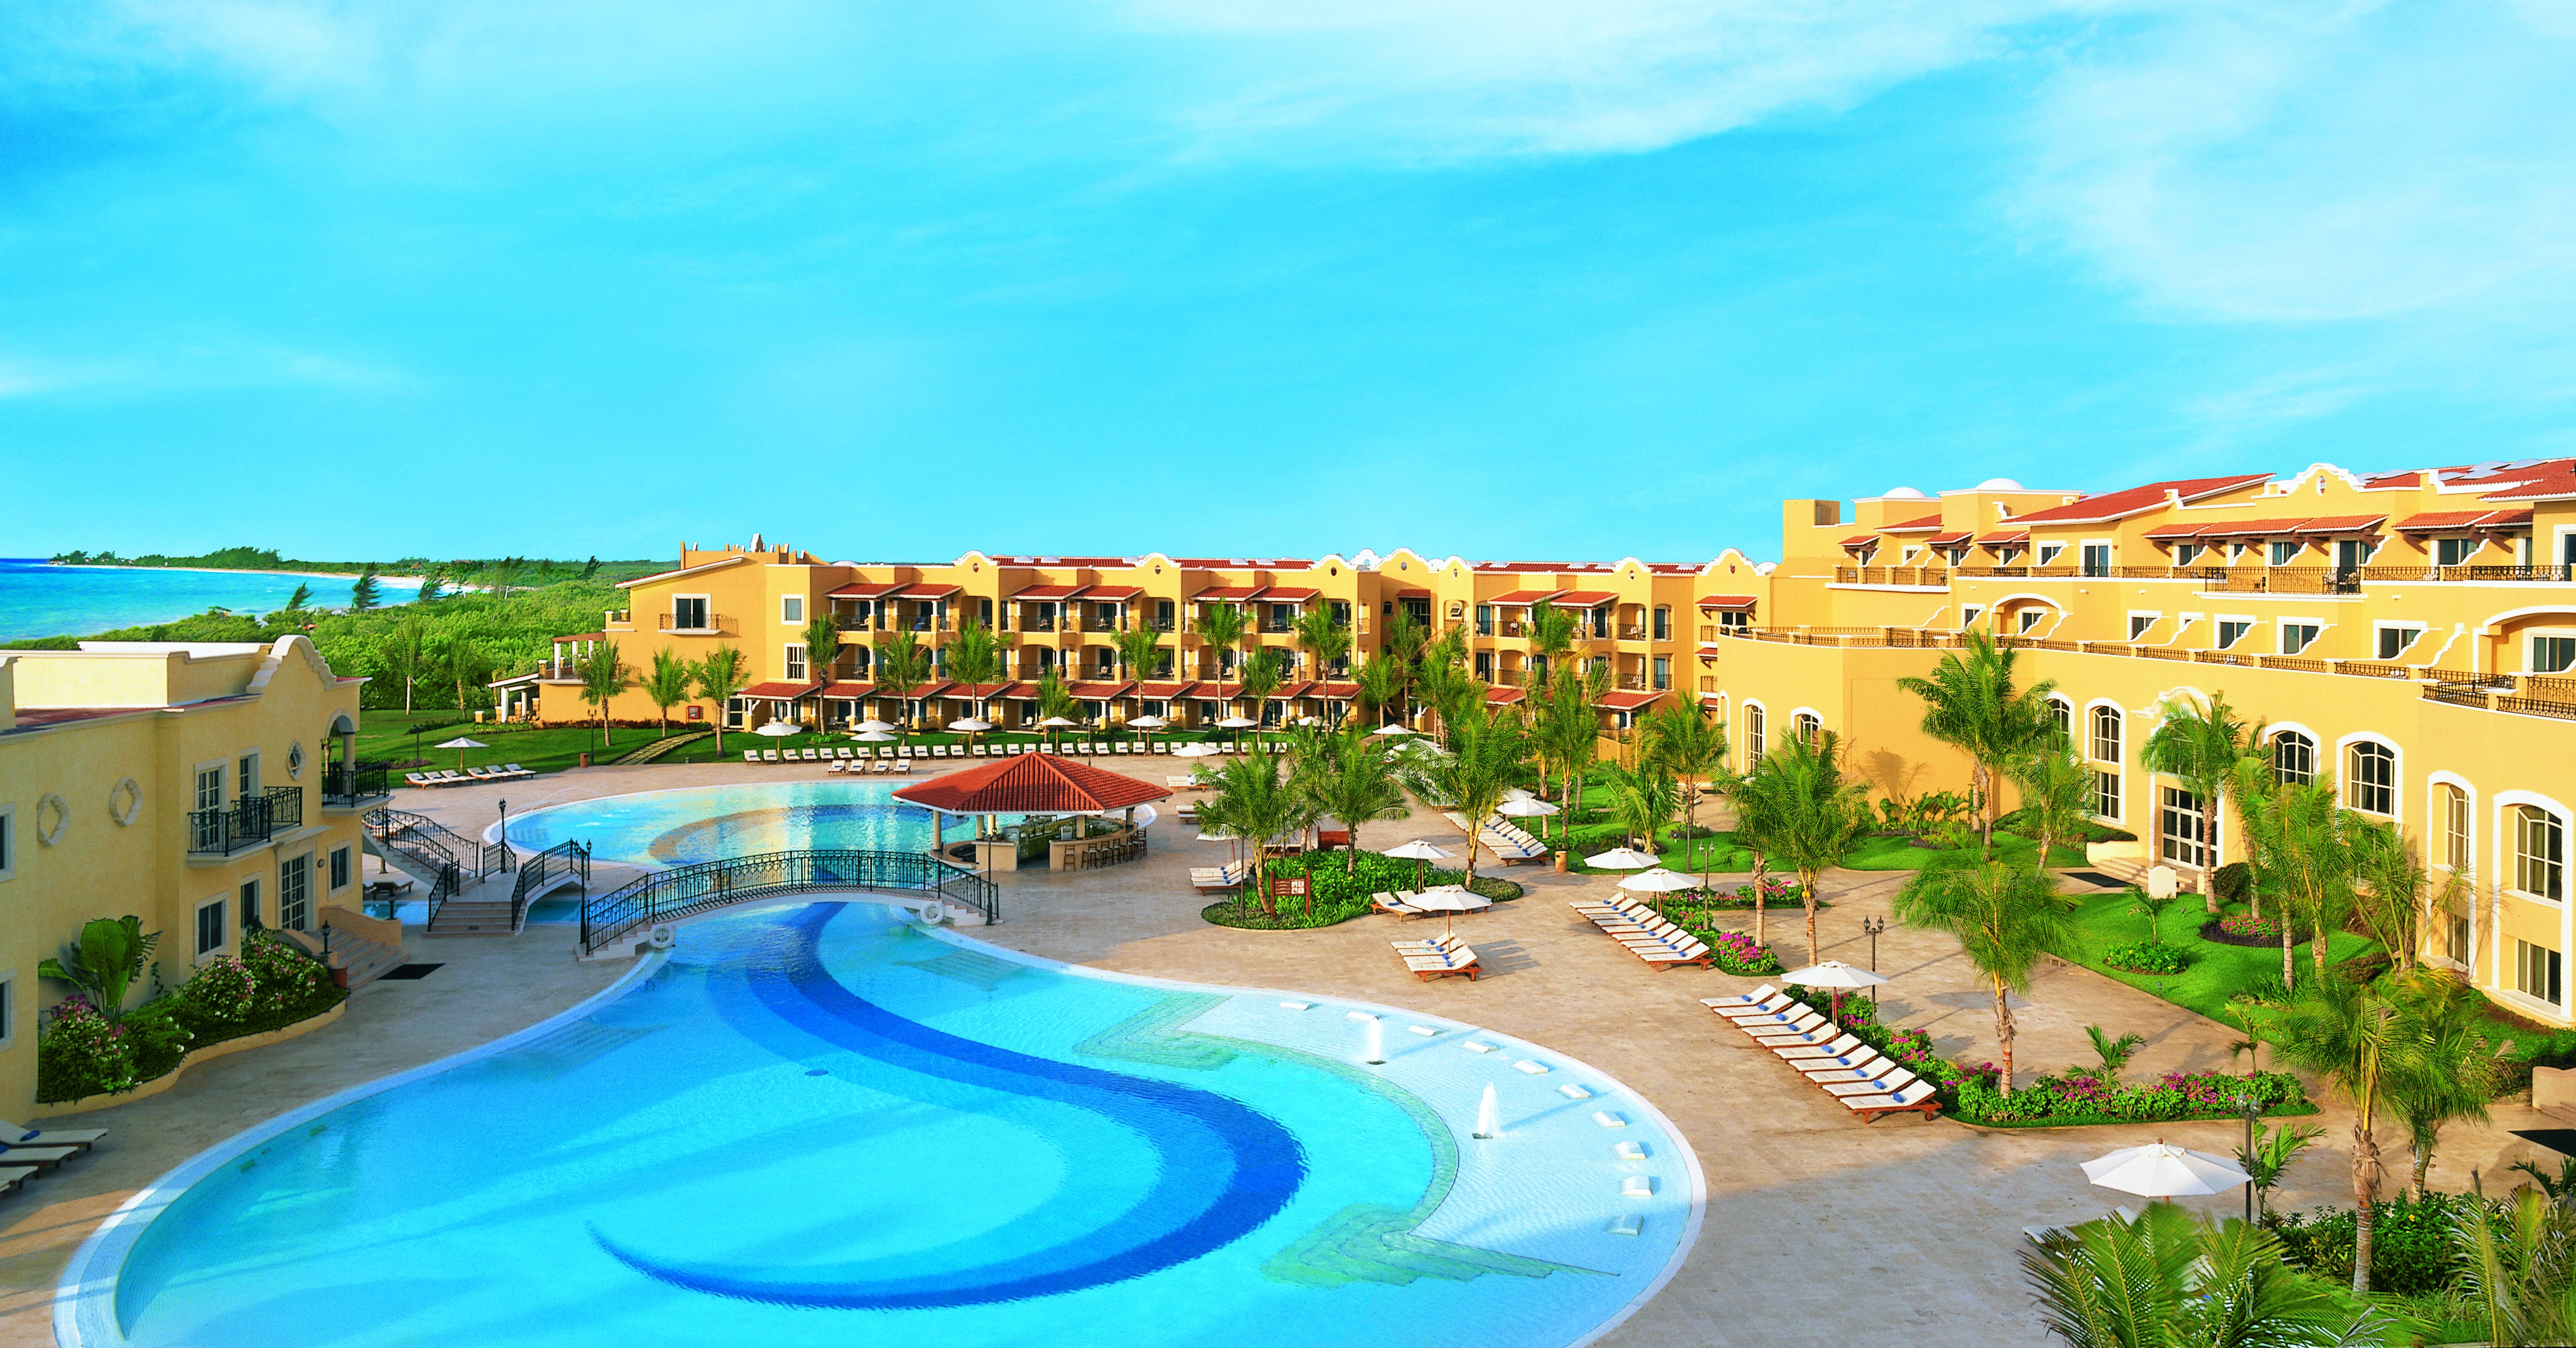 196e0363a80c Swimming pool at Secrets Capri Riviera Cancun in Riviera Maya Mexico ...